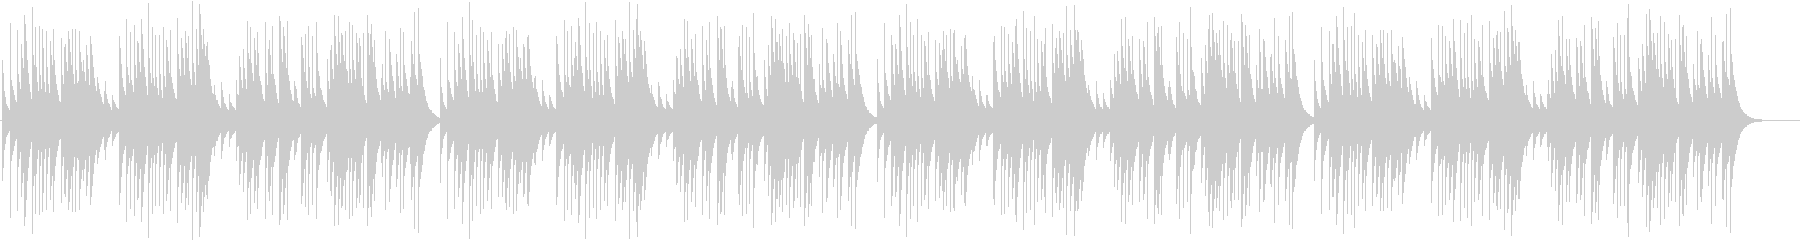 儚さを感じるクラシック曲【オルゴール】の未再生の波形